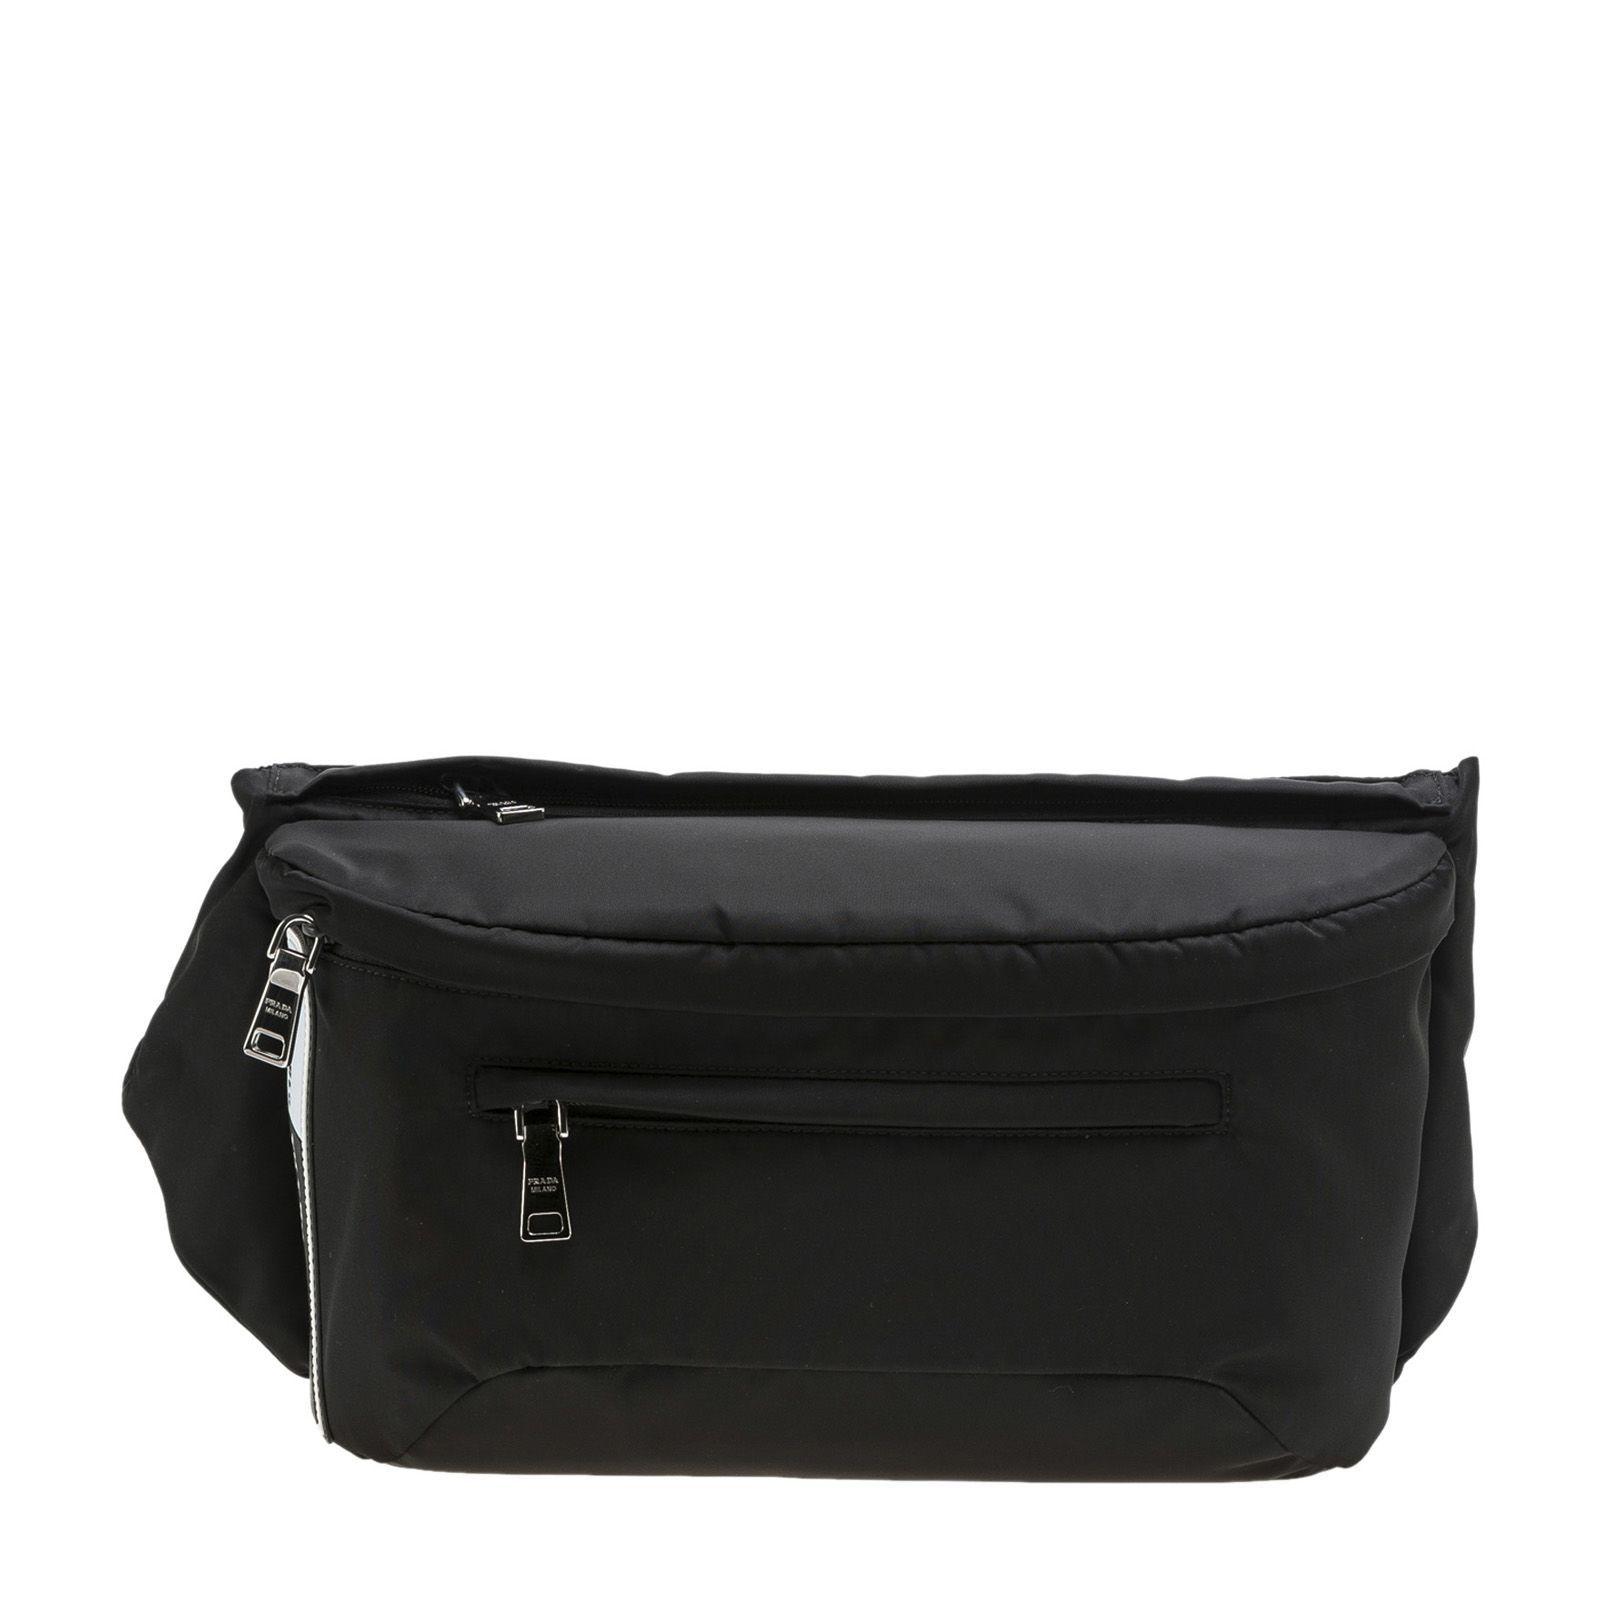 9658eae29bc9 PRADA FANNY PACK.  prada  bags  belt bags  nylon